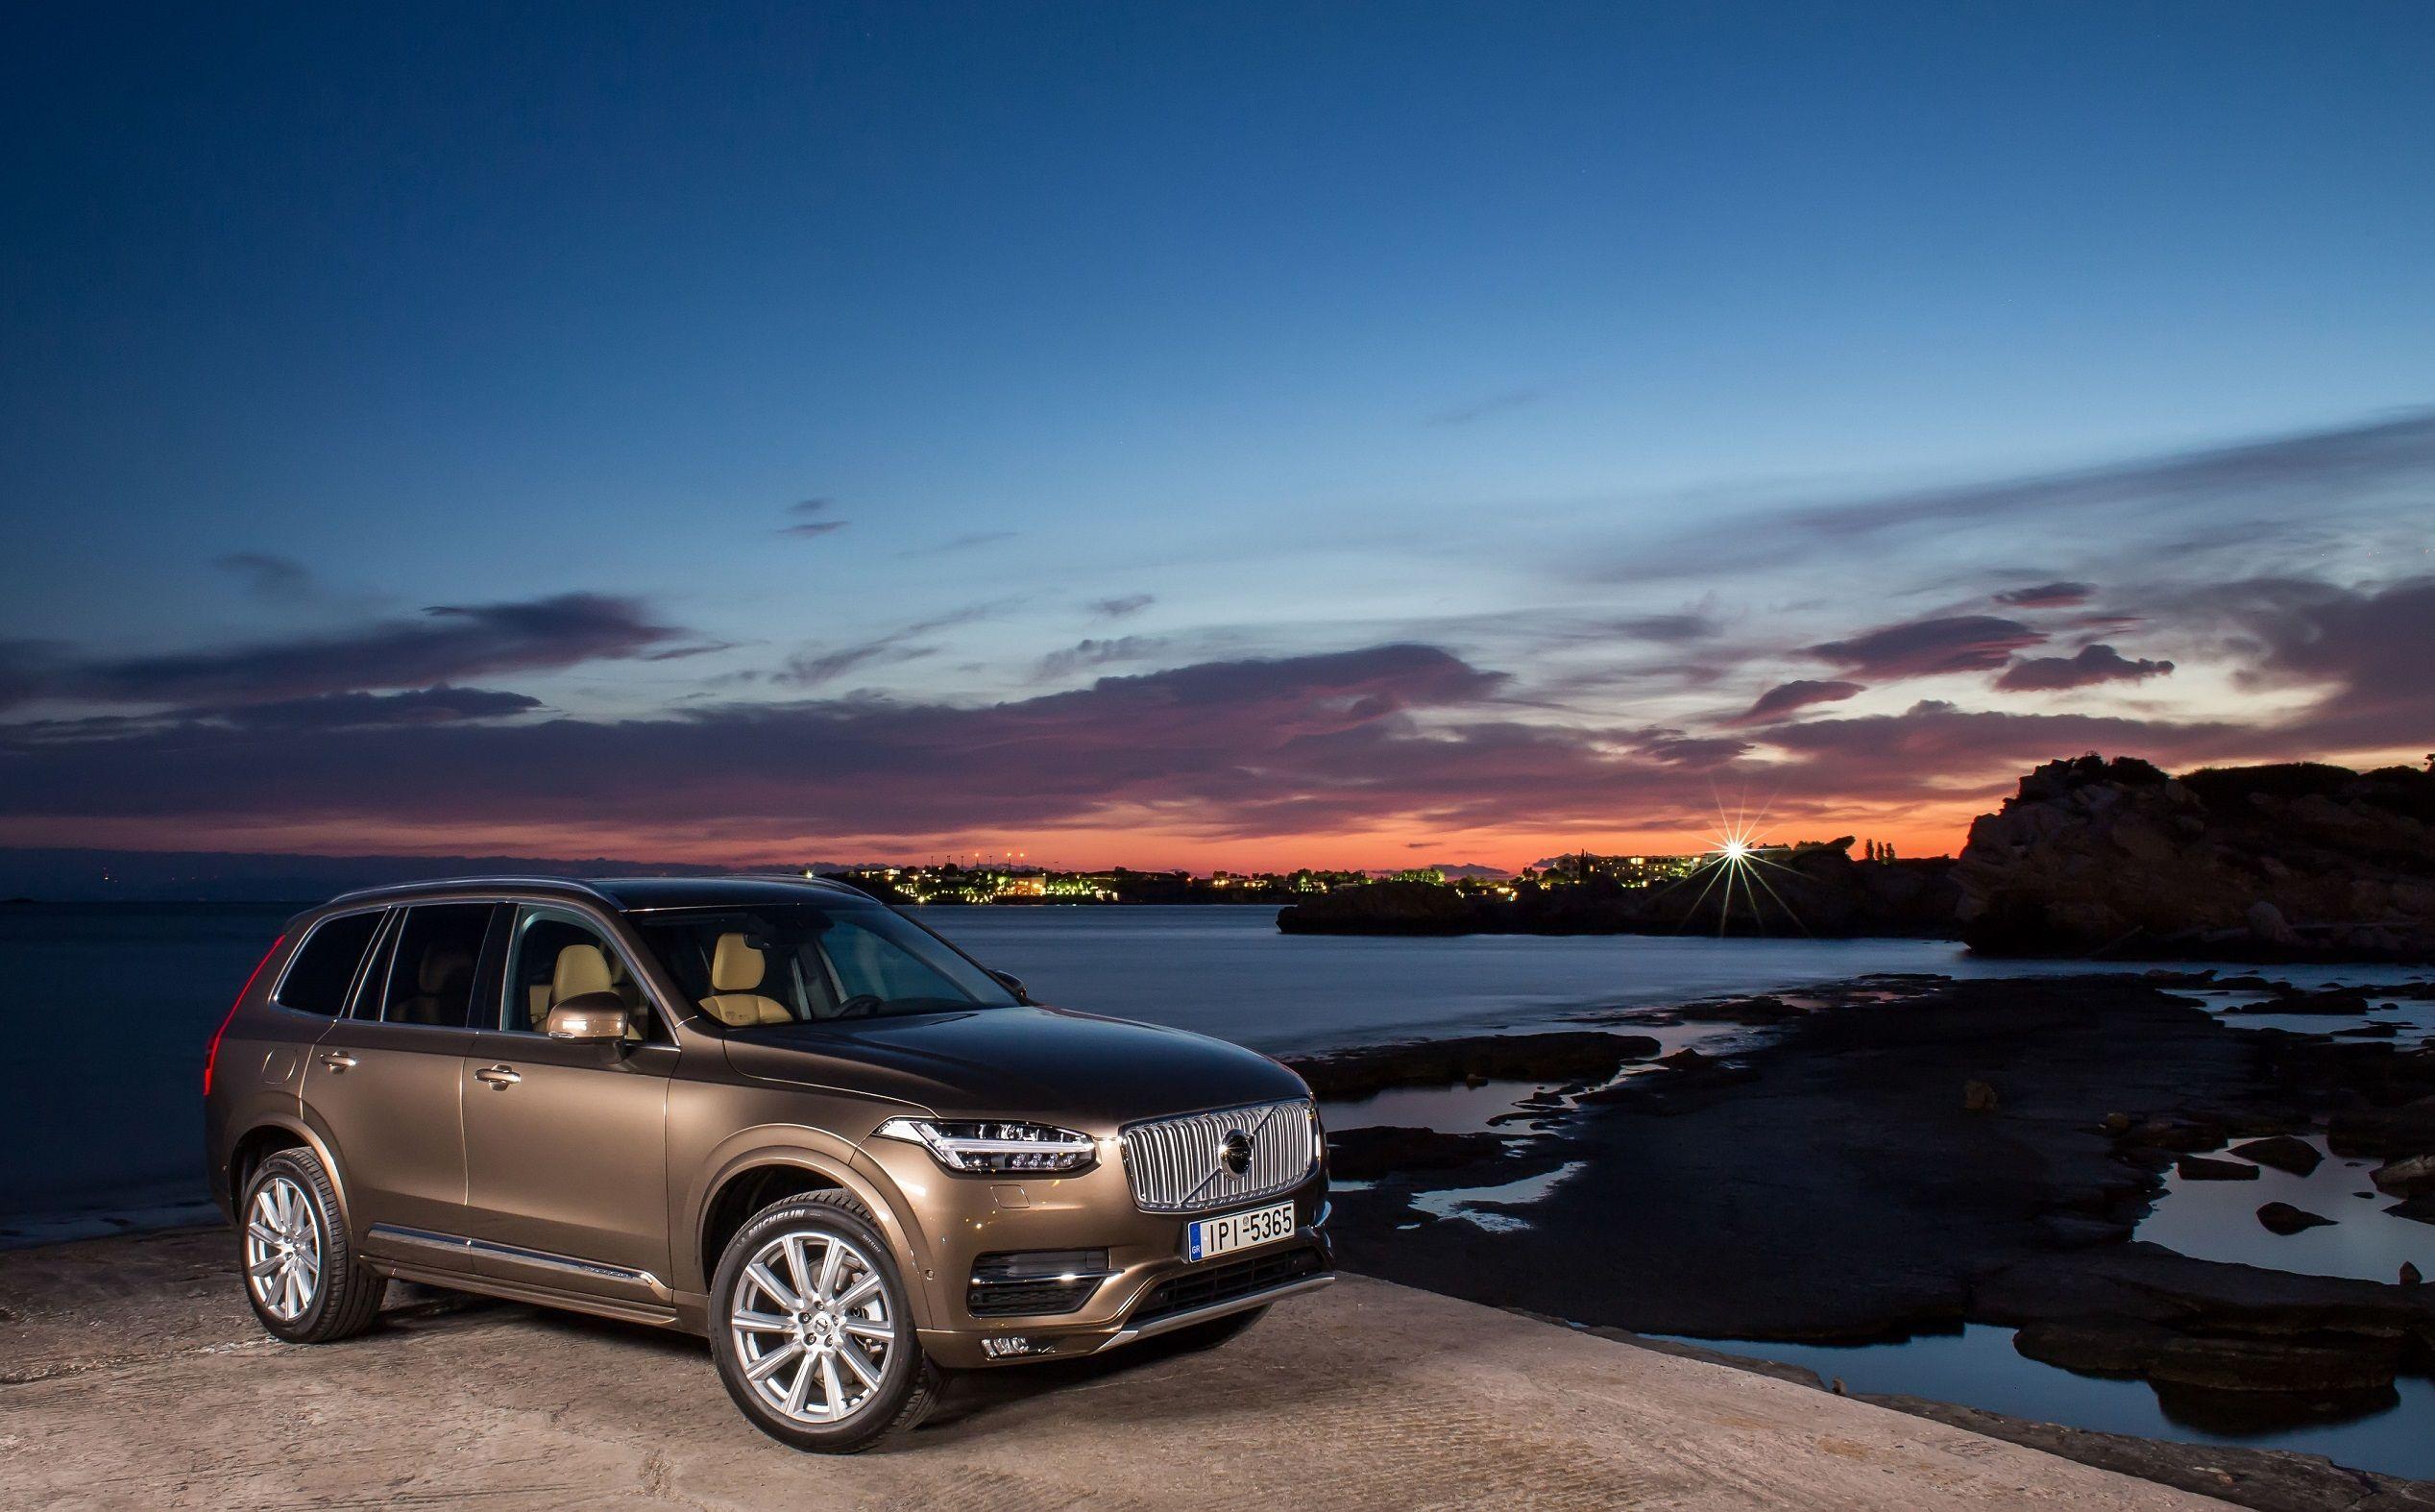 Κορυφαία επίδοση για το Νέο Volvo XC90 στις δοκιμές του